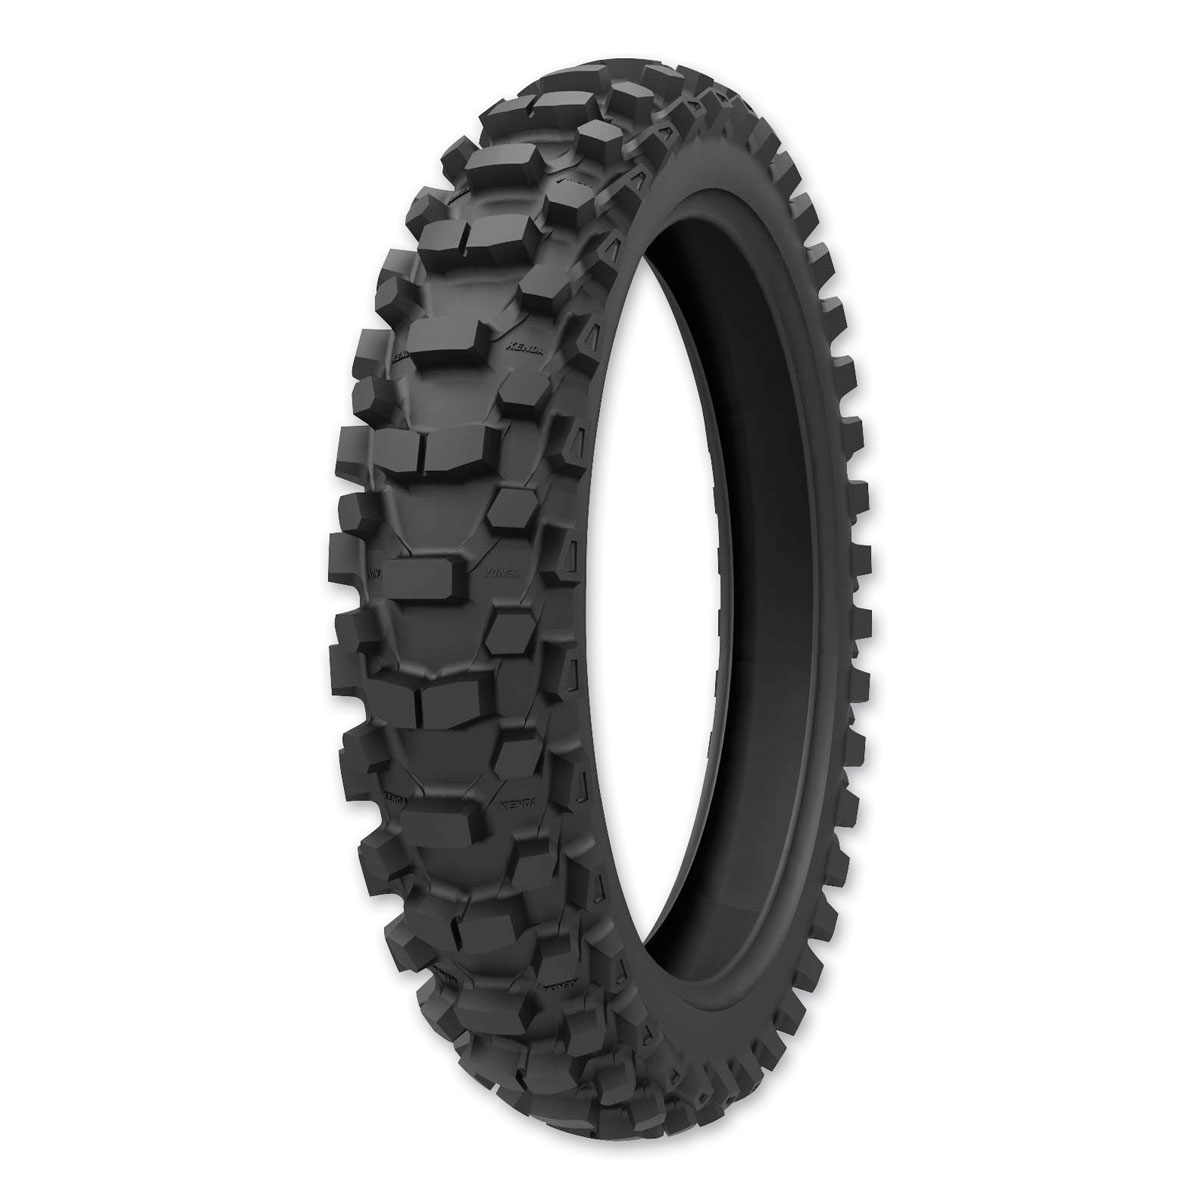 Kenda Tires K785 Millville II 90/100-16 Rear Tire